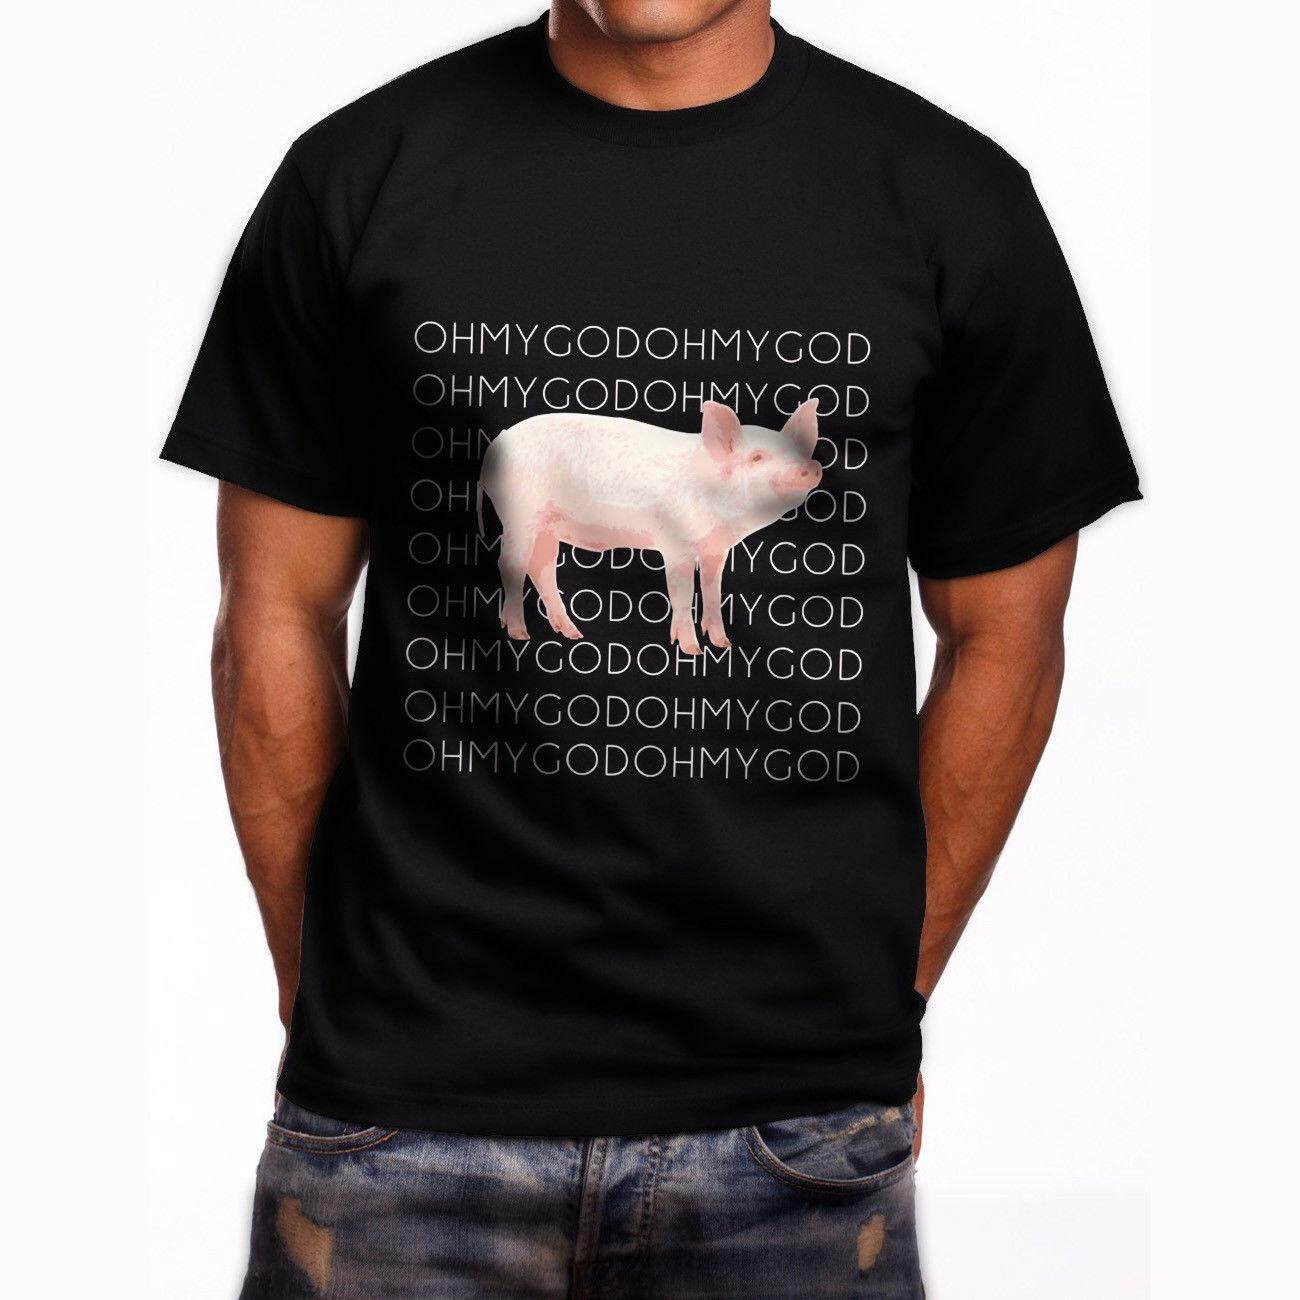 952941831d Oh My God Pig Shane Dawson What's Up Guys Humor Mens T-Shirt Black